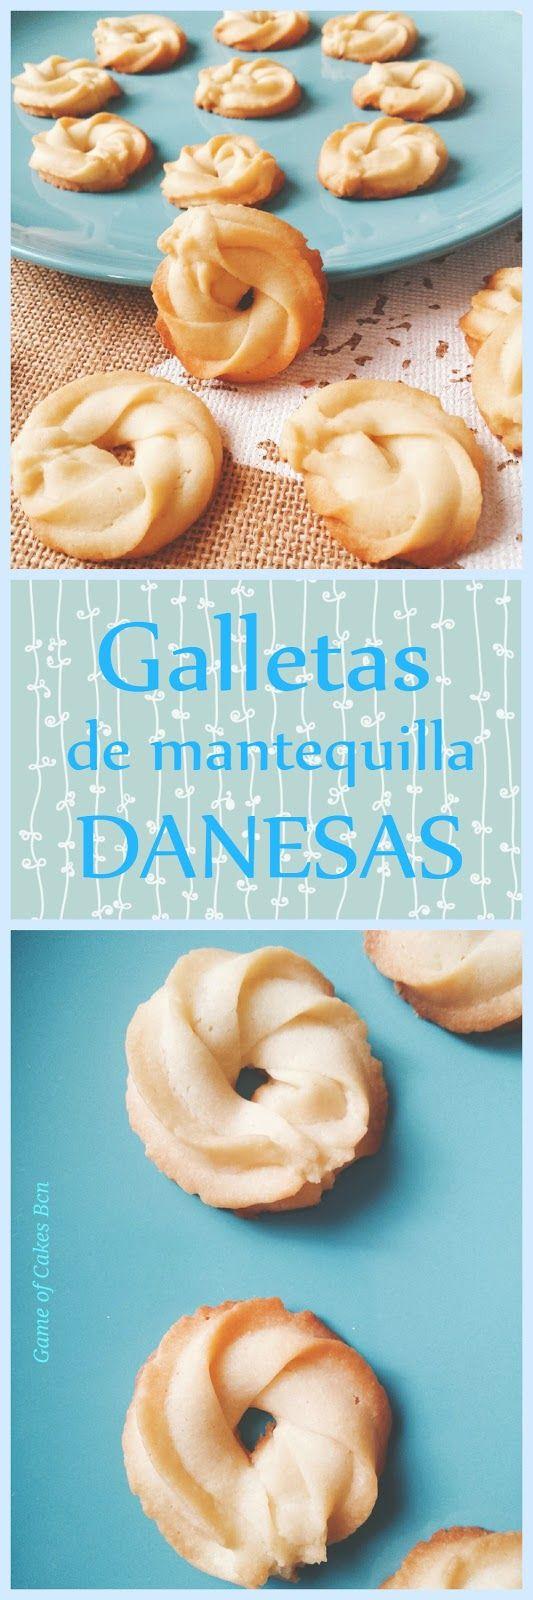 Galletas de mantequilla tipo danesas, pastas de té Game of Cakes Bcn #receta #galletas #danesas